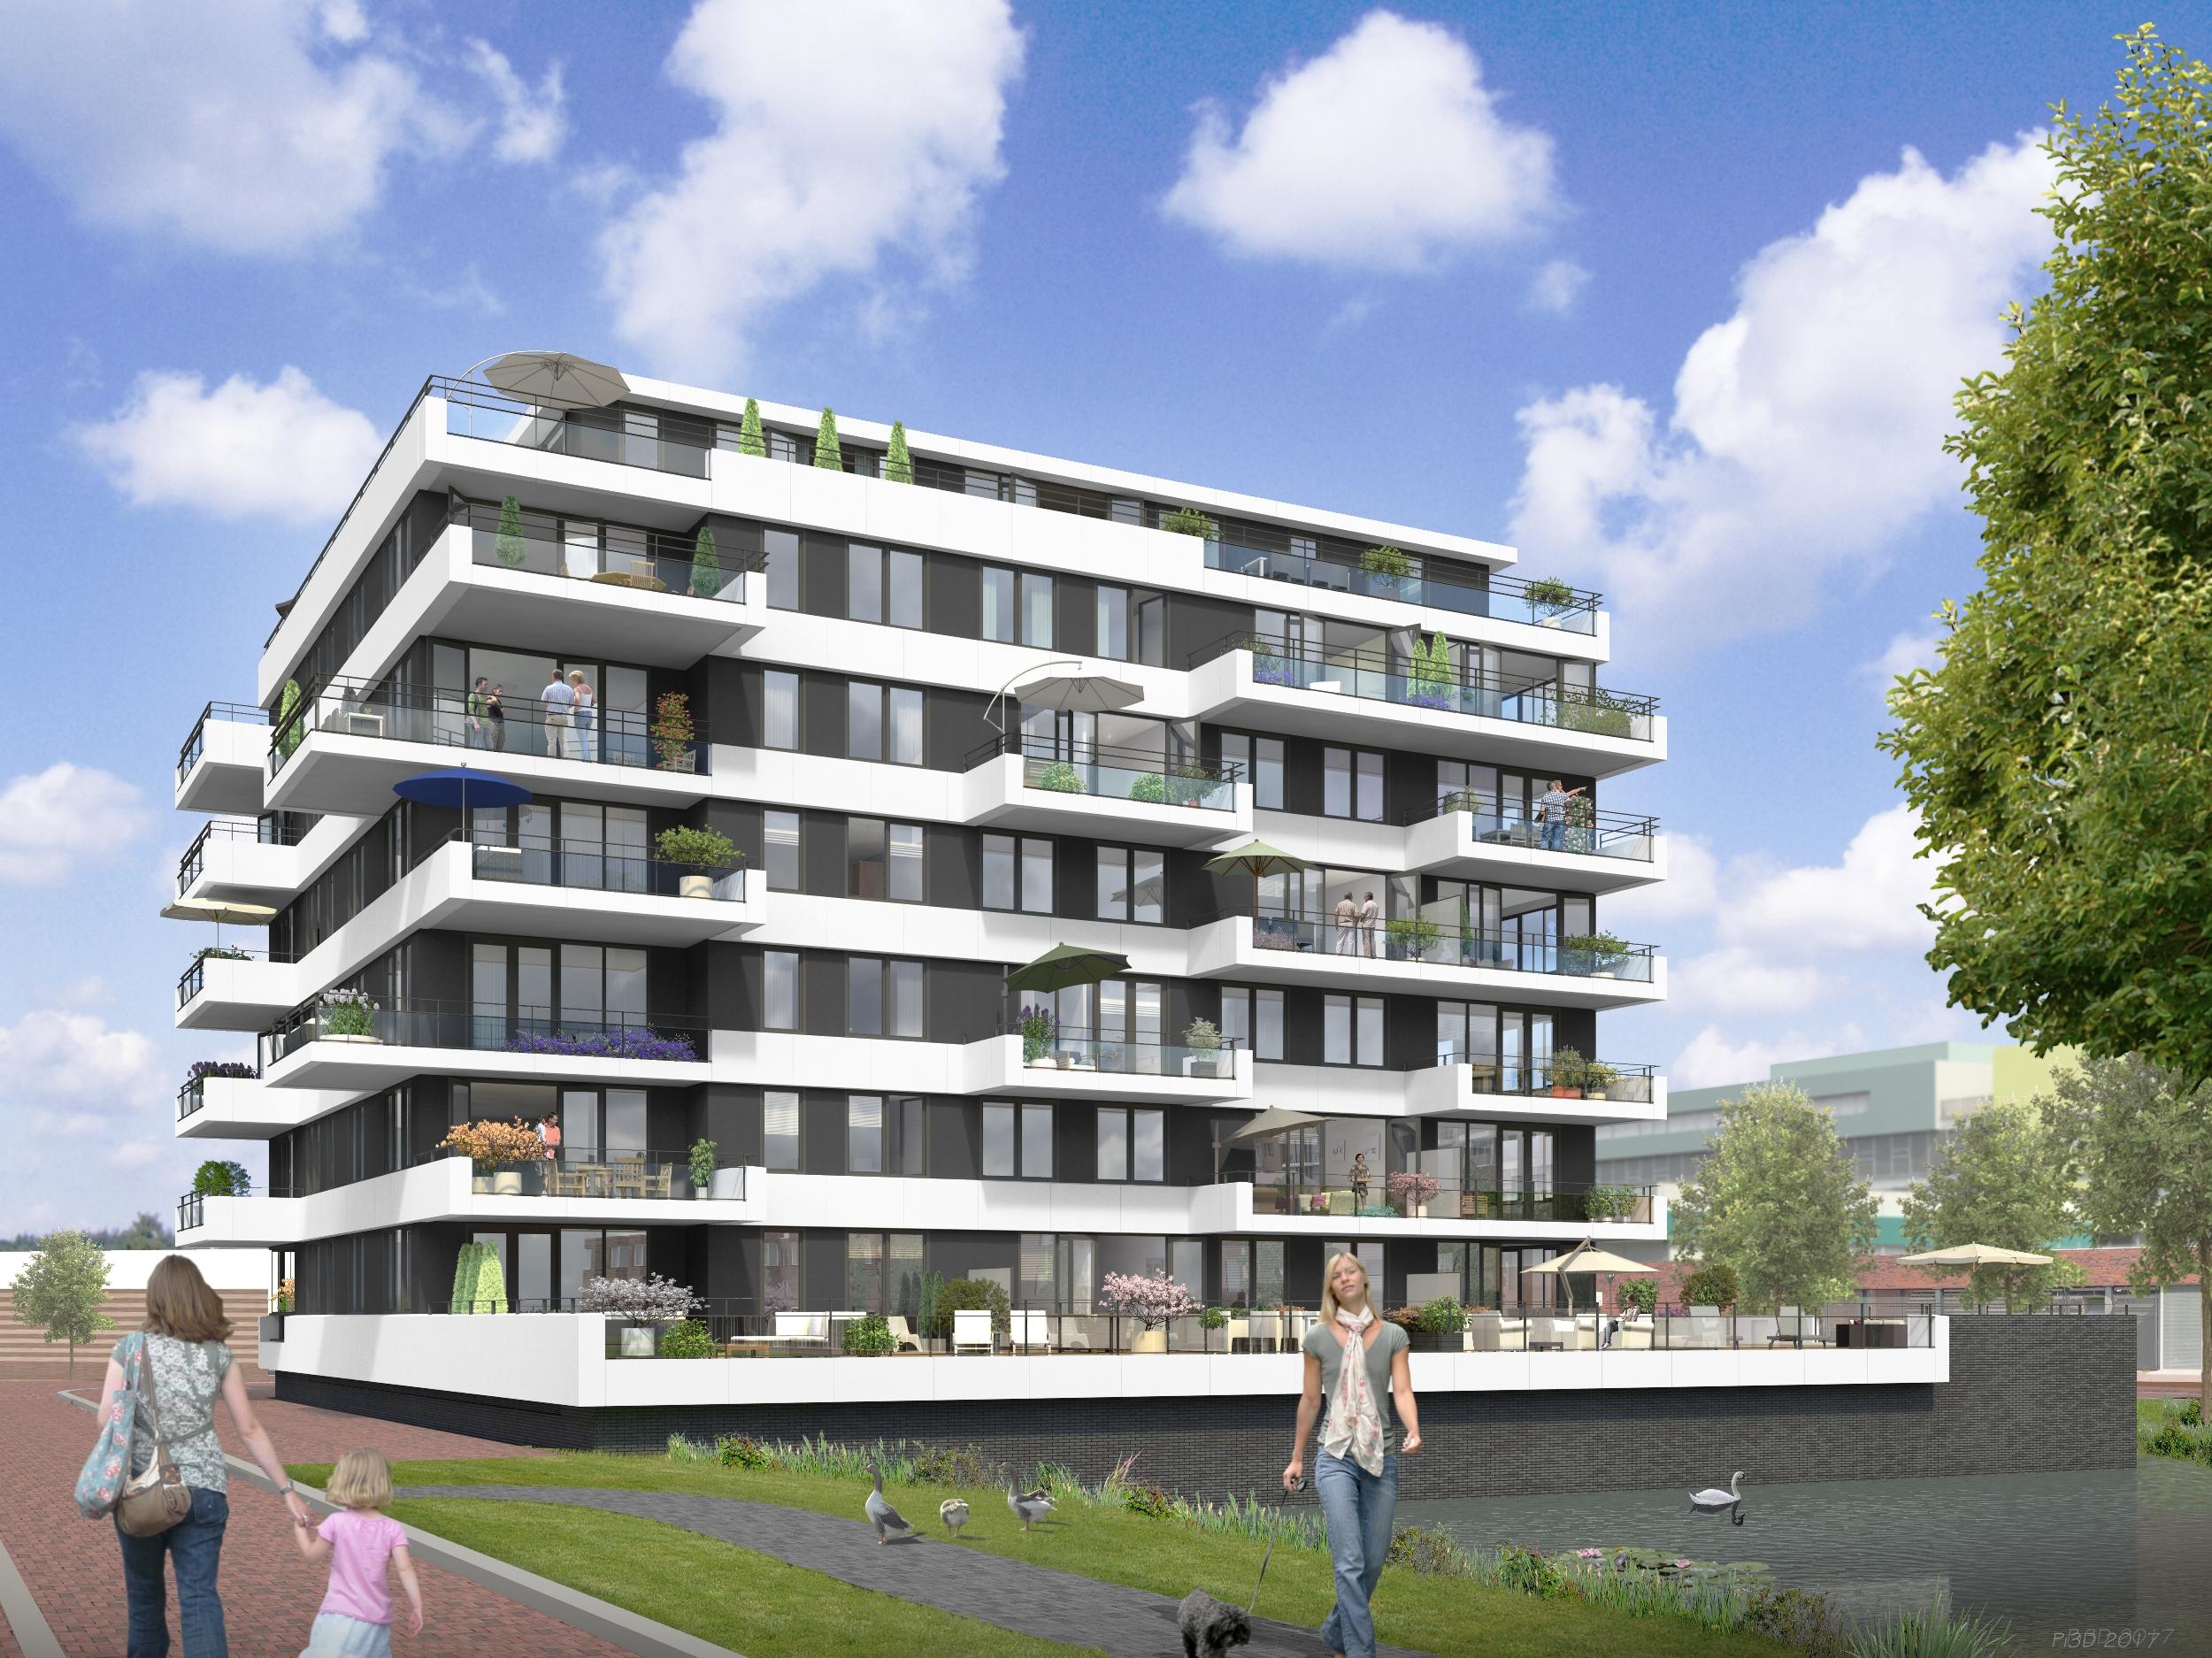 Ontwikkelcombinatie 023 start verkoop 26 luxe appartementen in de hofmeester in de entree - Entree appartement ontwerp ...